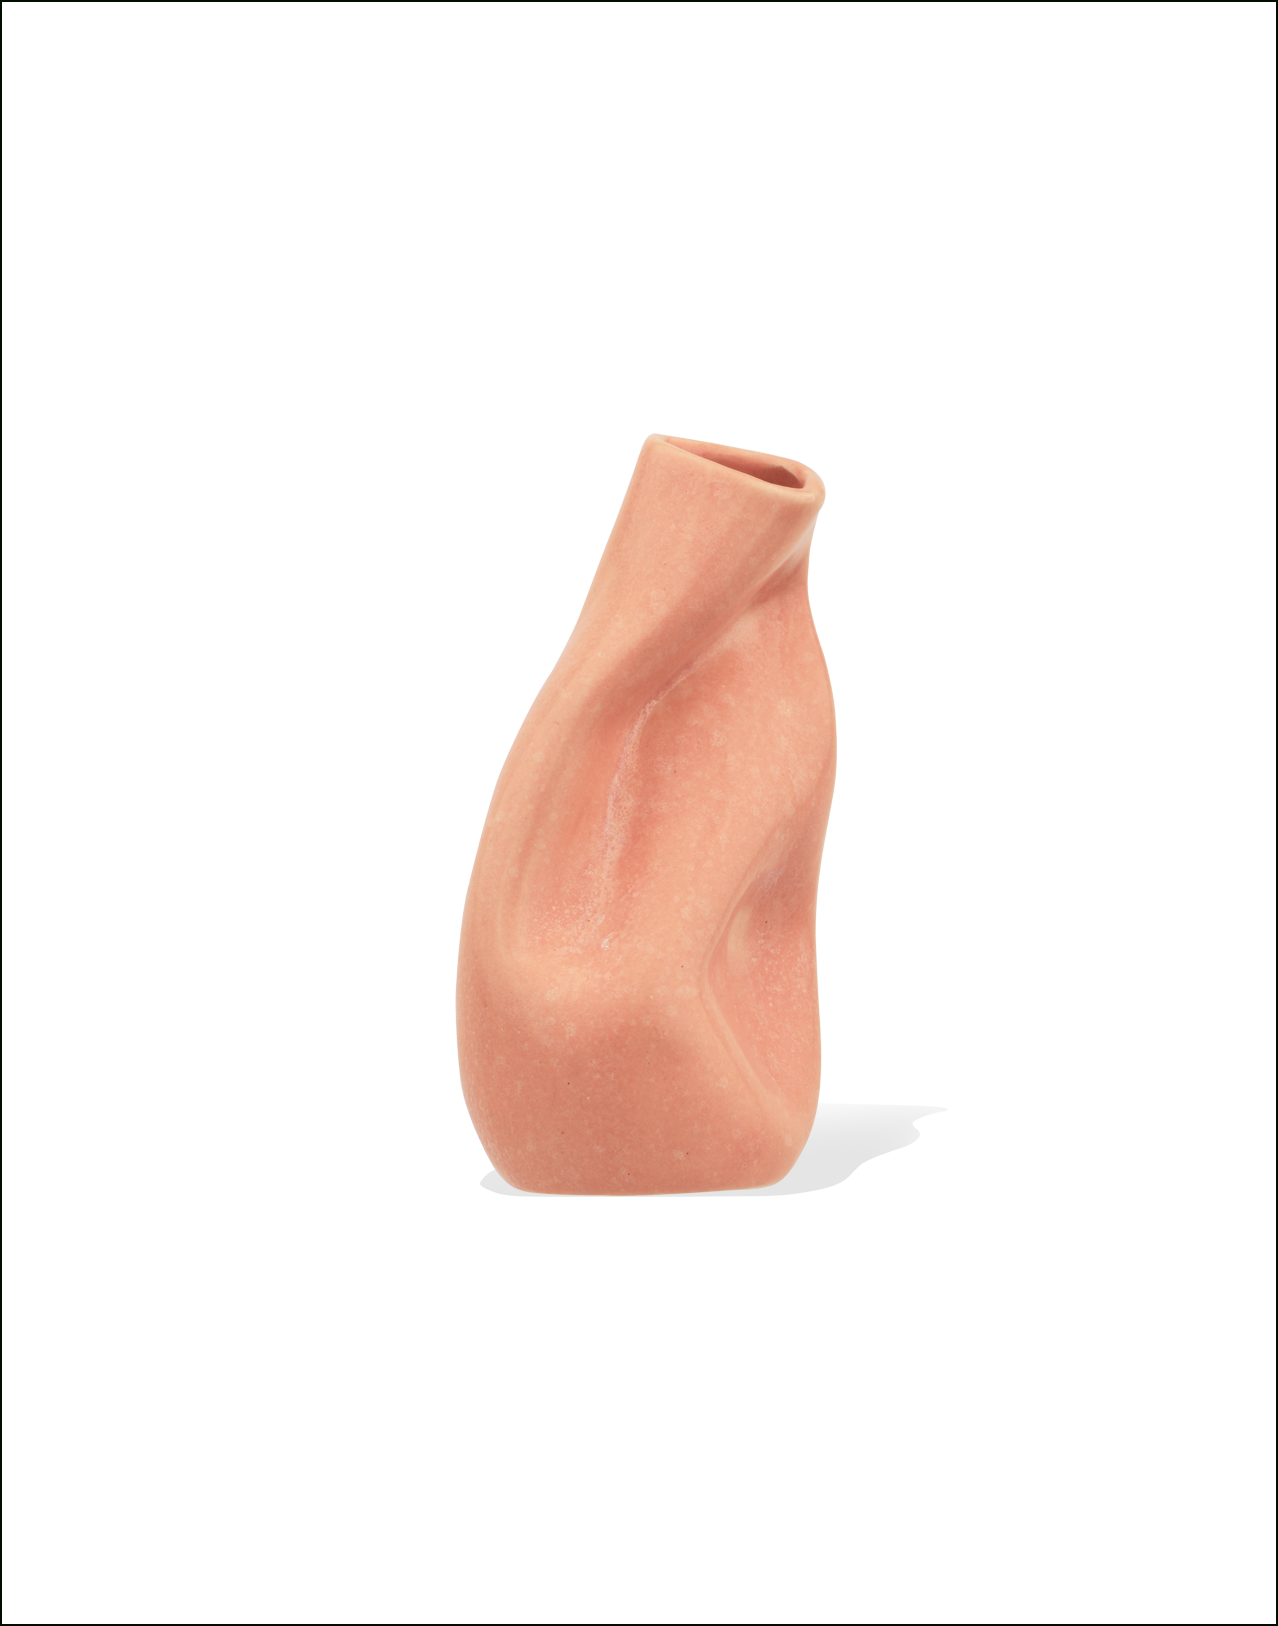 Completedworks-Ceramics-Object-18-1-1.png